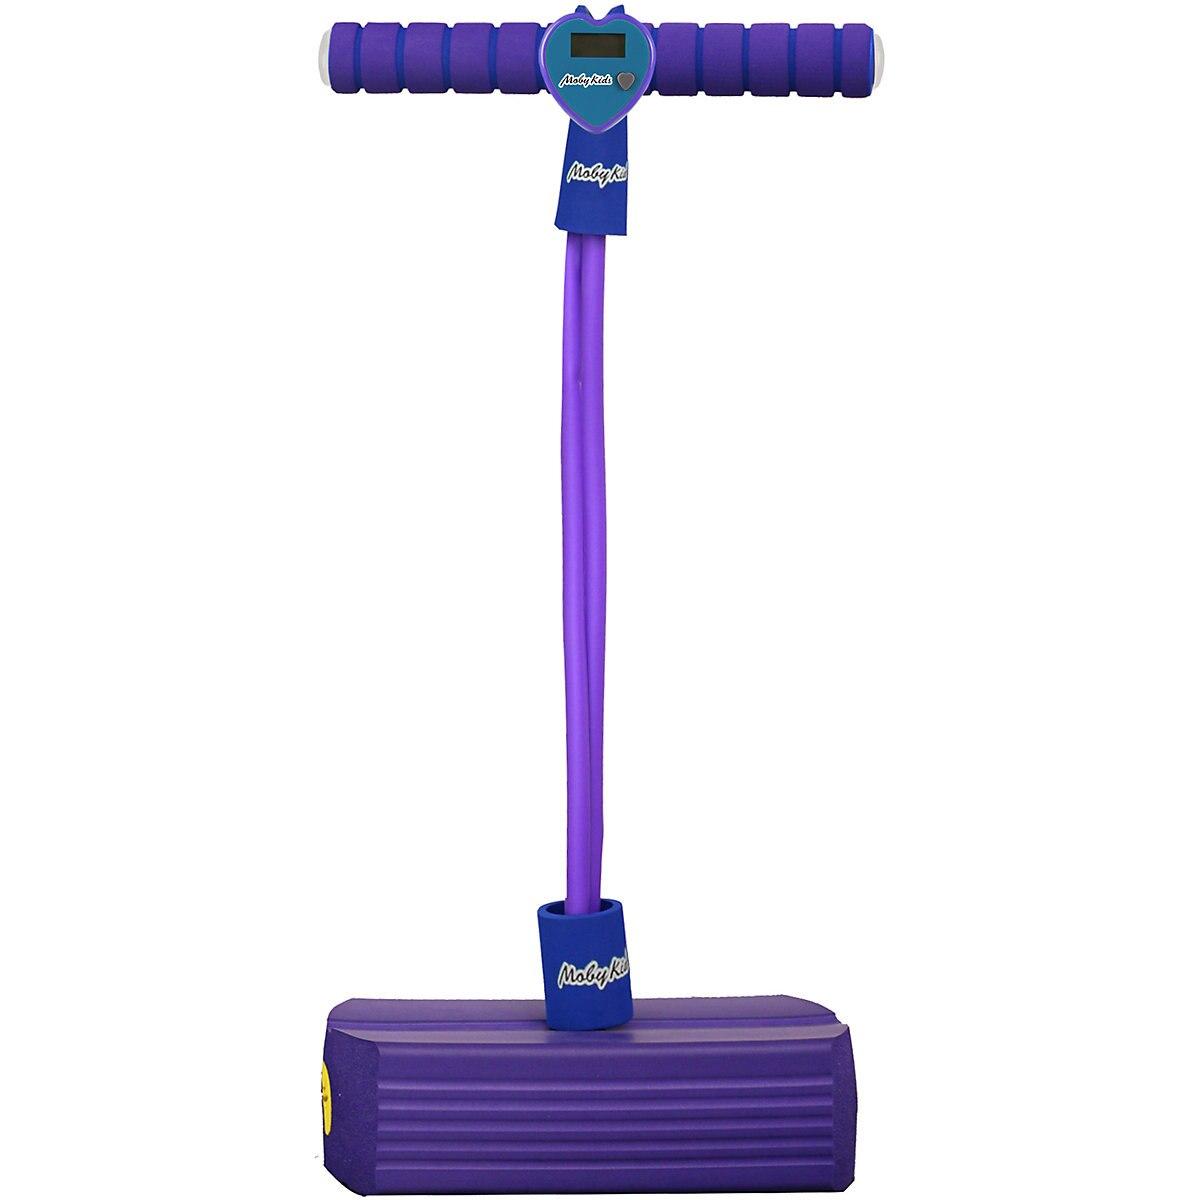 MOBY enfants bébé activité Gym 10263706 bambin jouets exercice machine pour sauter pour les filles et les garçons MTpromo